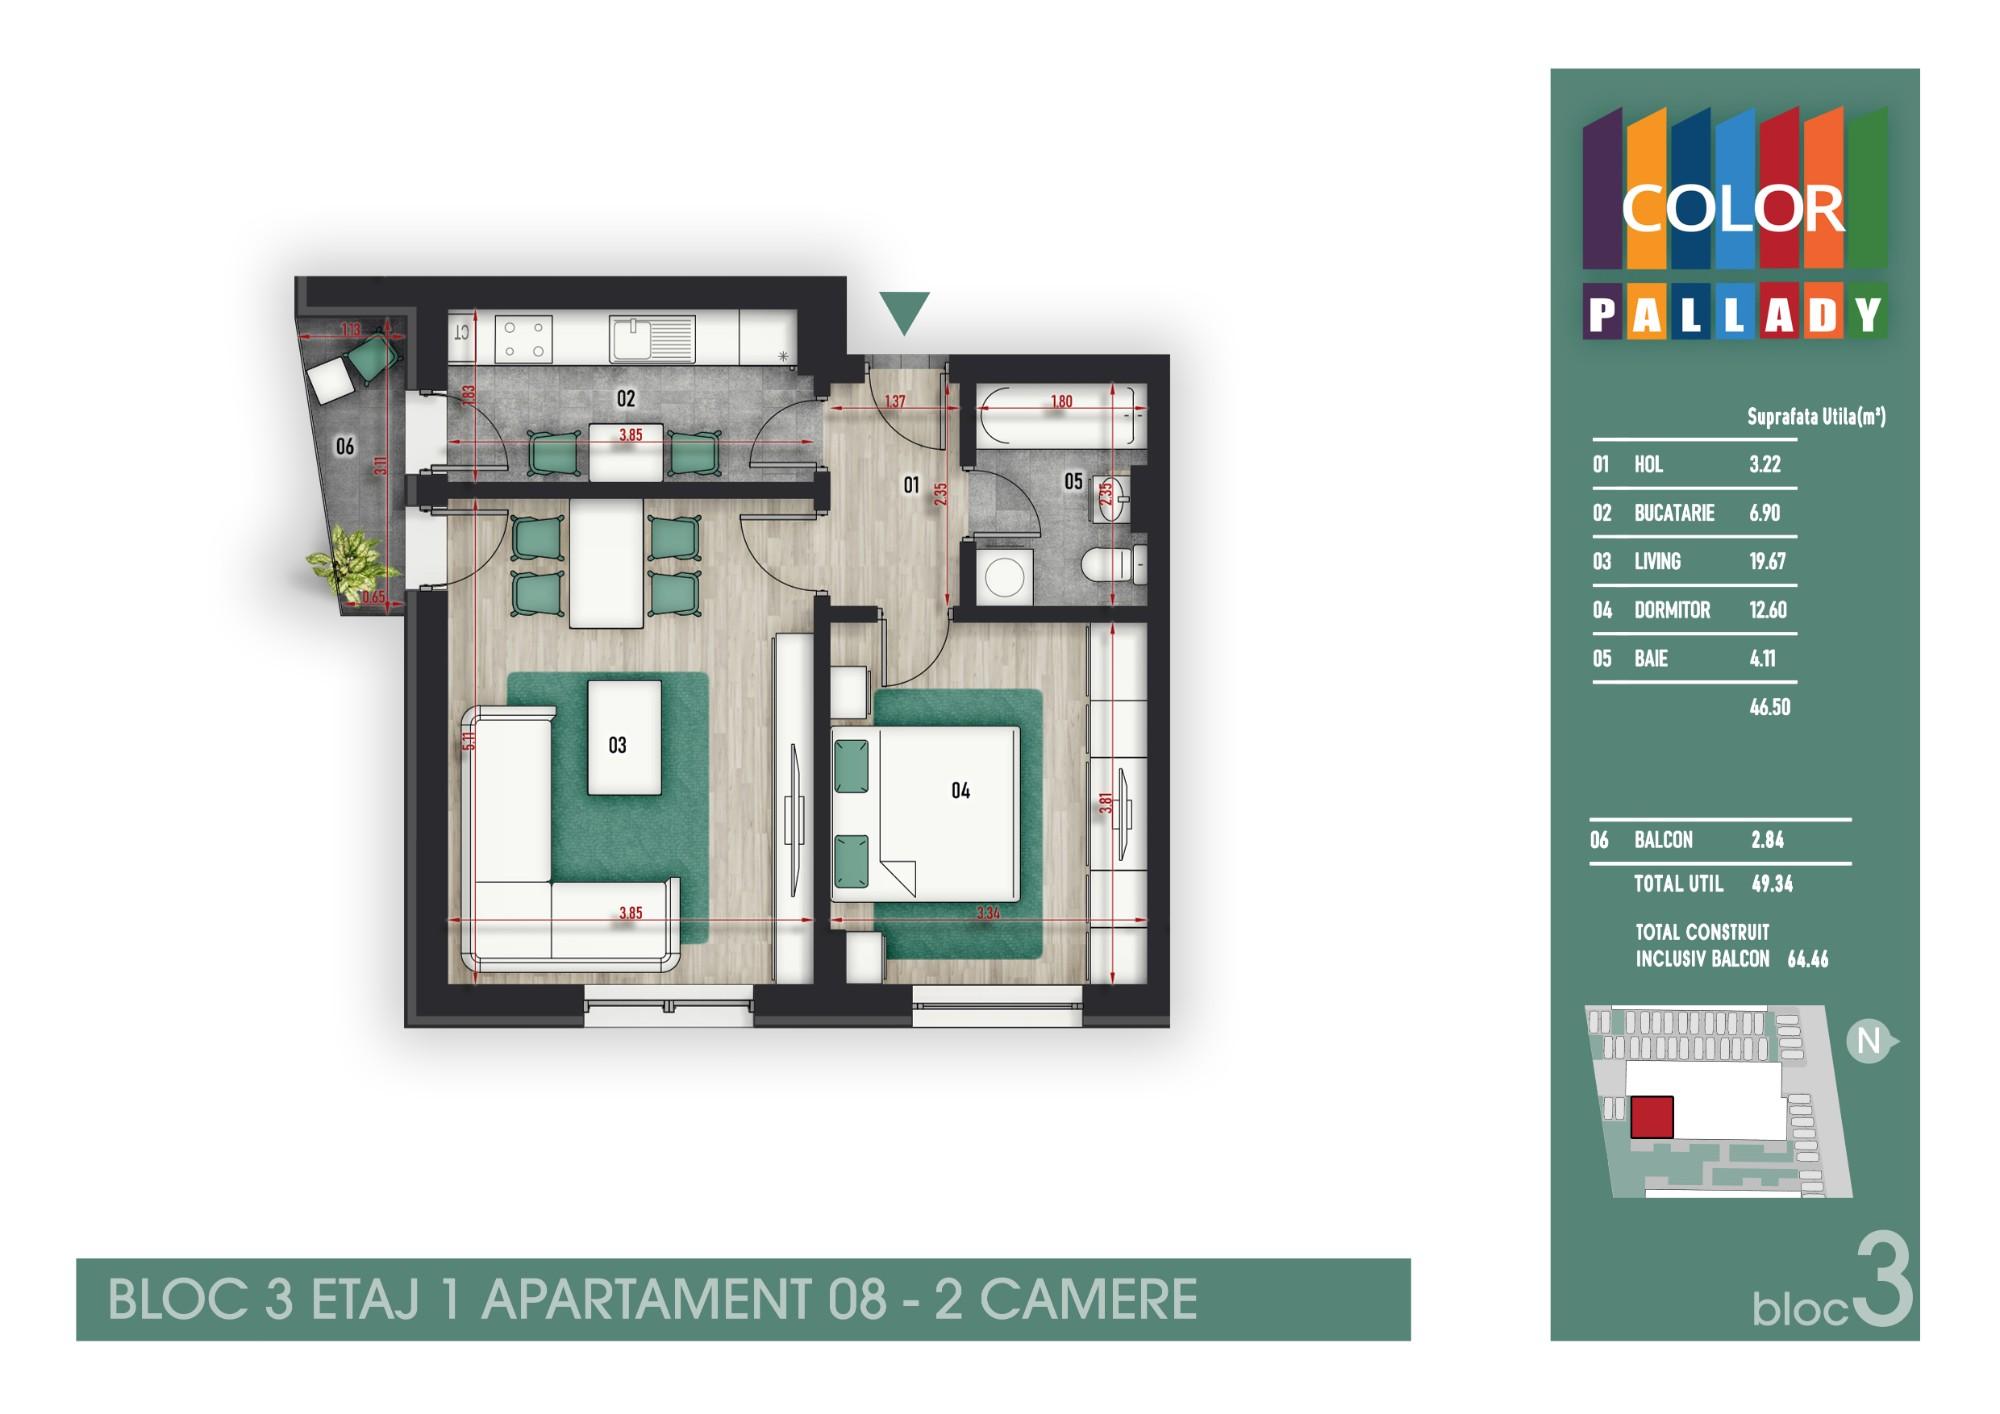 Bloc 3 - Etaj 1 - Apartament 08